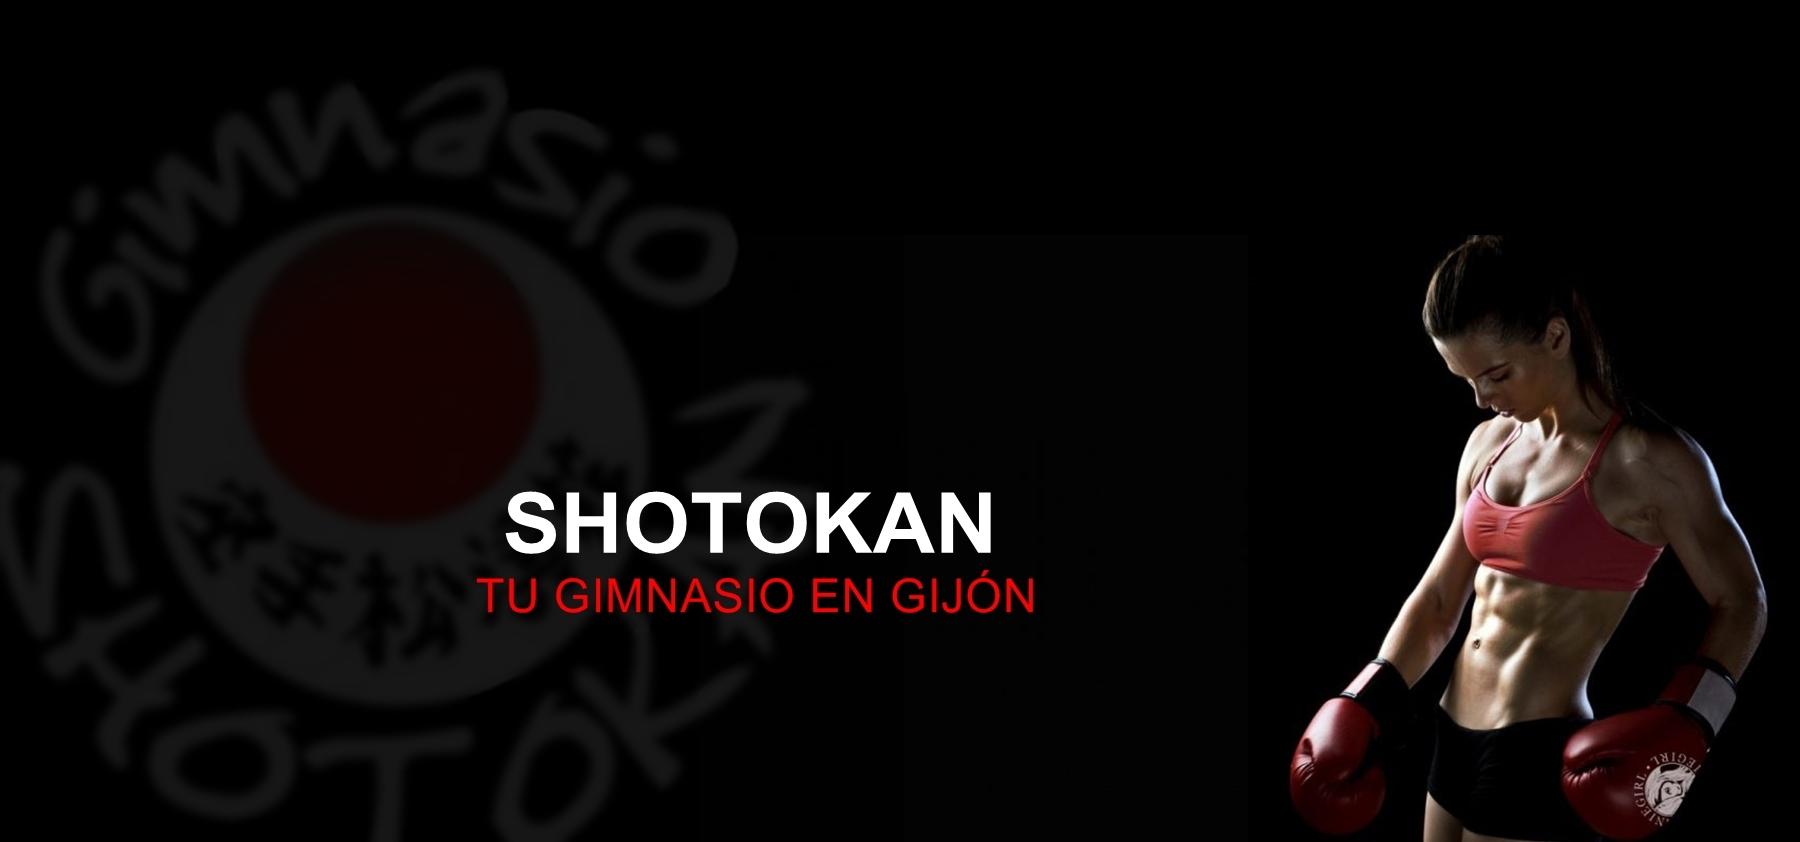 Gimnasio Shotokan - Cardio-Tono -  Tu gimnasio en Gijón